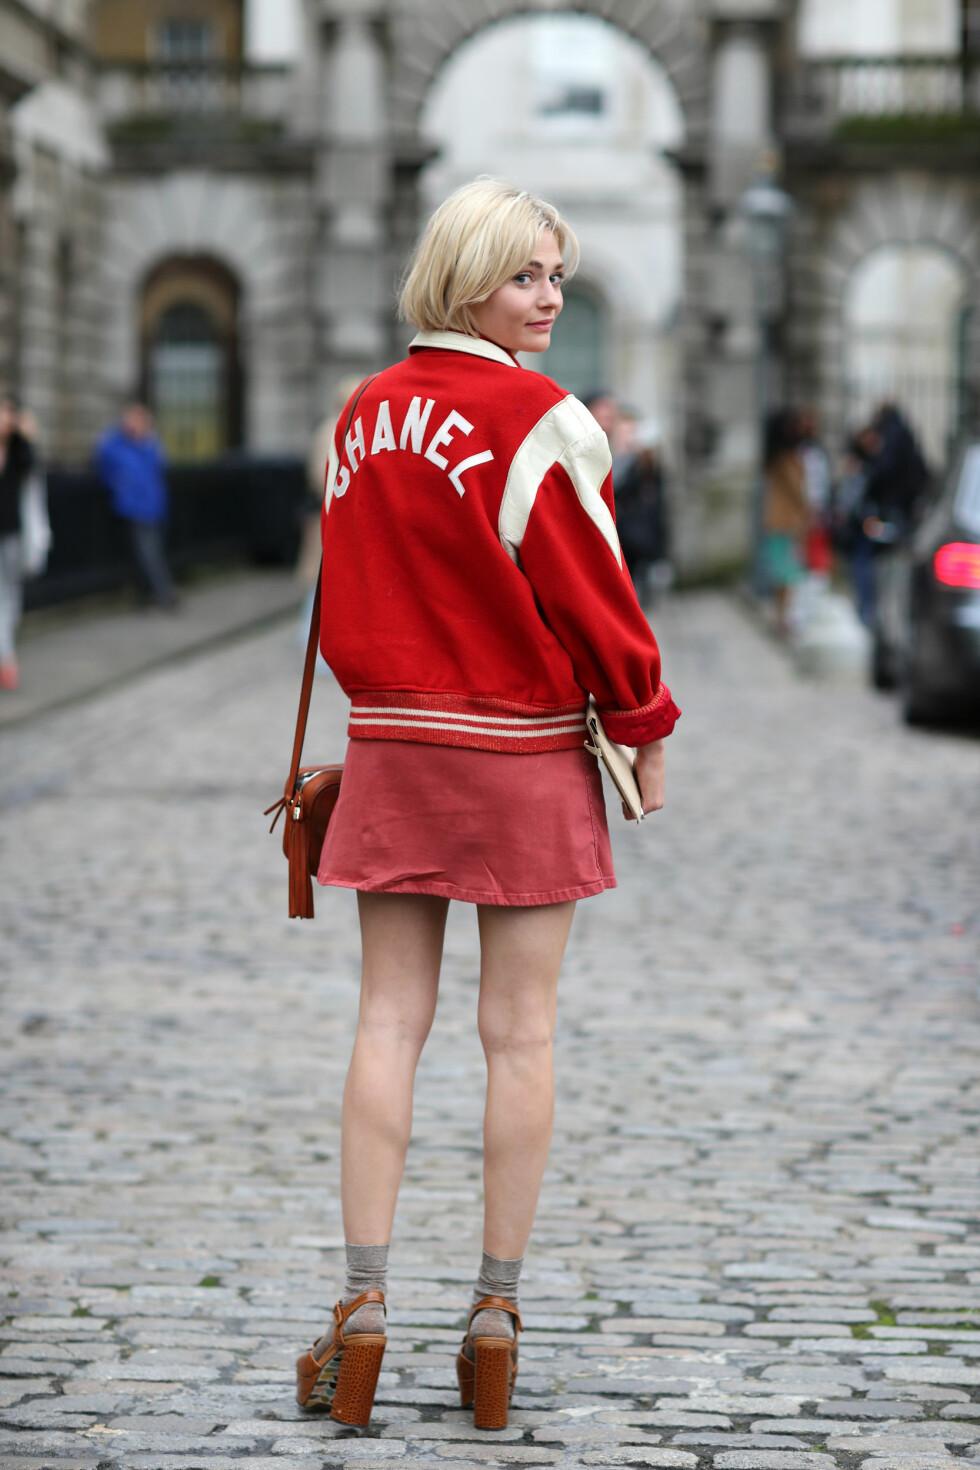 Motejournalisten Pandora Sykes går for miniskjørt, men vil varme tærne med sokker i de åpne sandalene da hun deltok på moteuken i London.  Foto: All Over